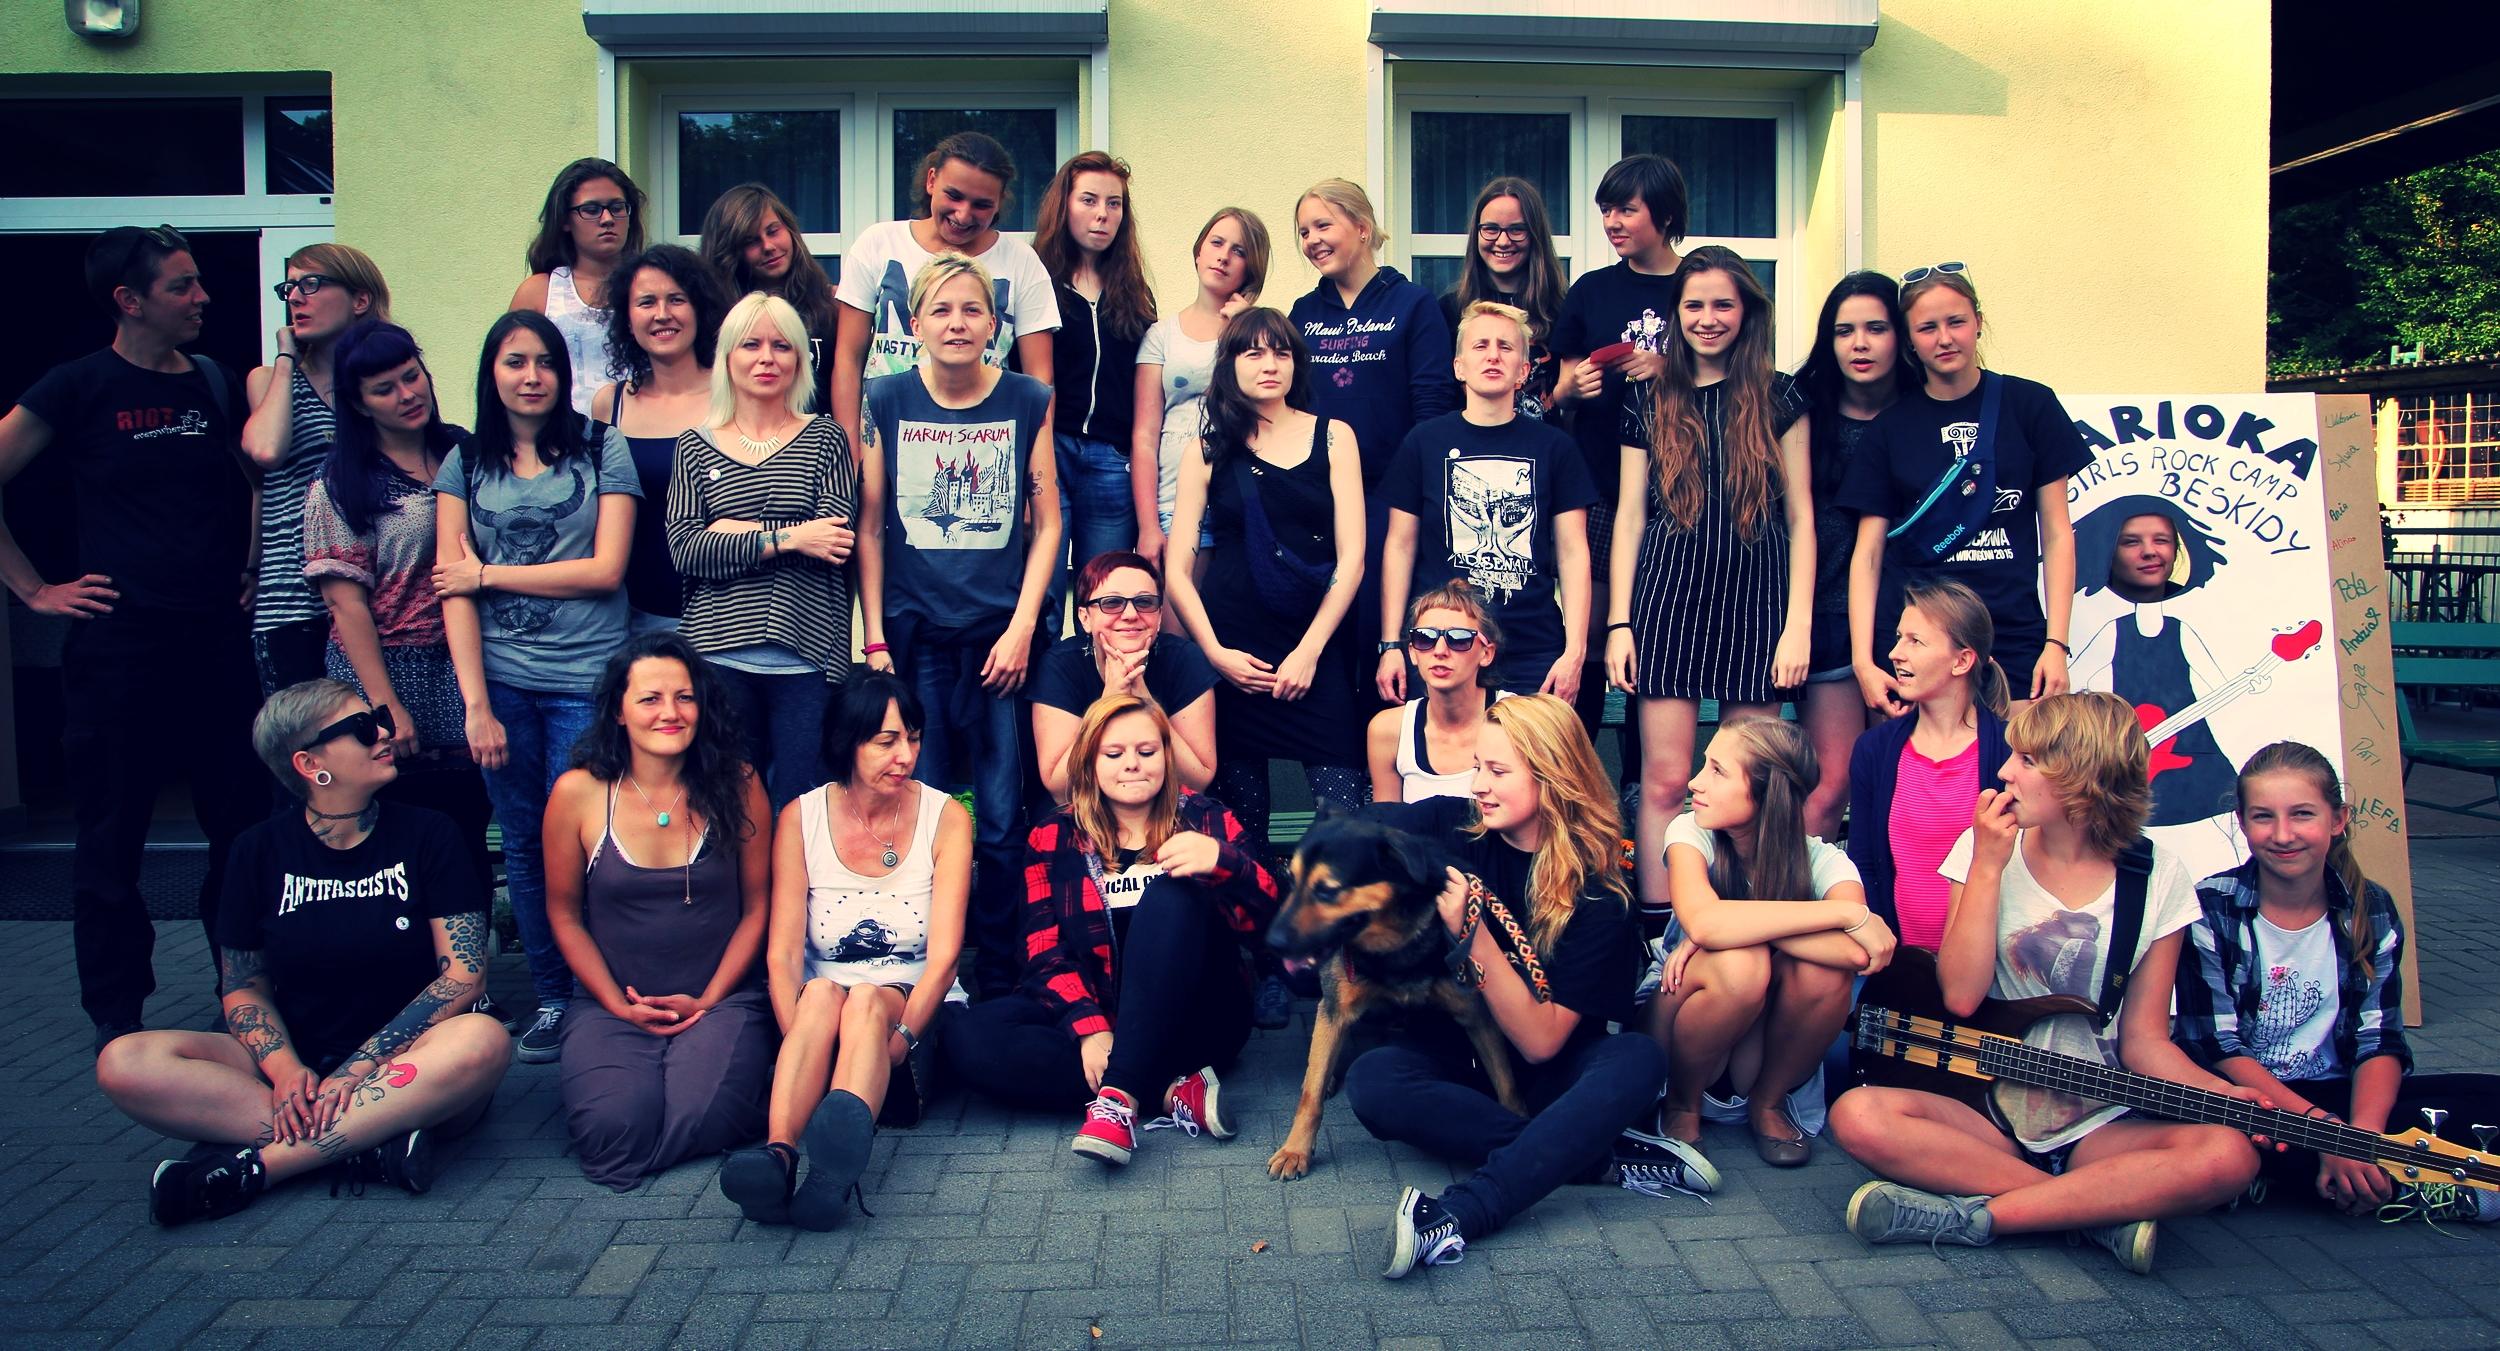 Sjálfboðaliðahópur Karioka Girls Rock Camp